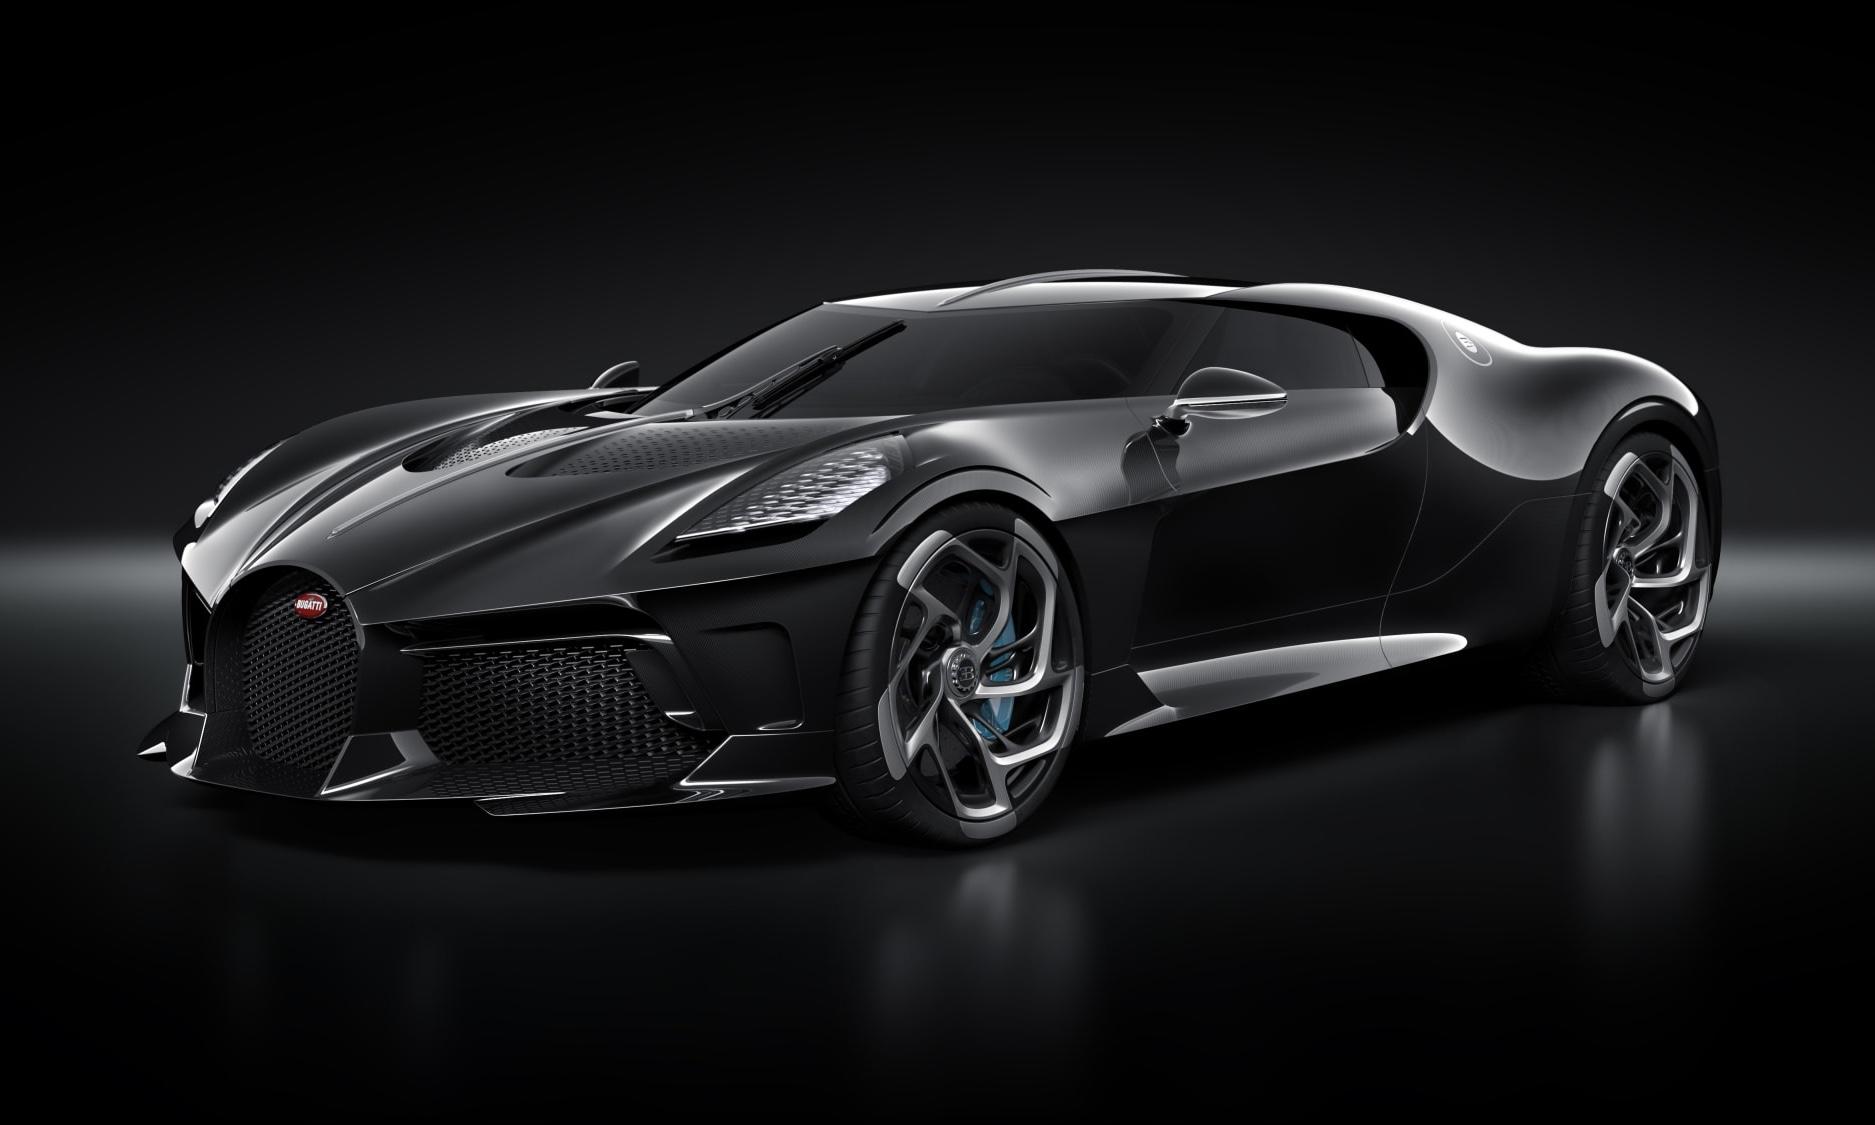 售价 1,200 万美元!Bugatti 史上最贵跑车登场